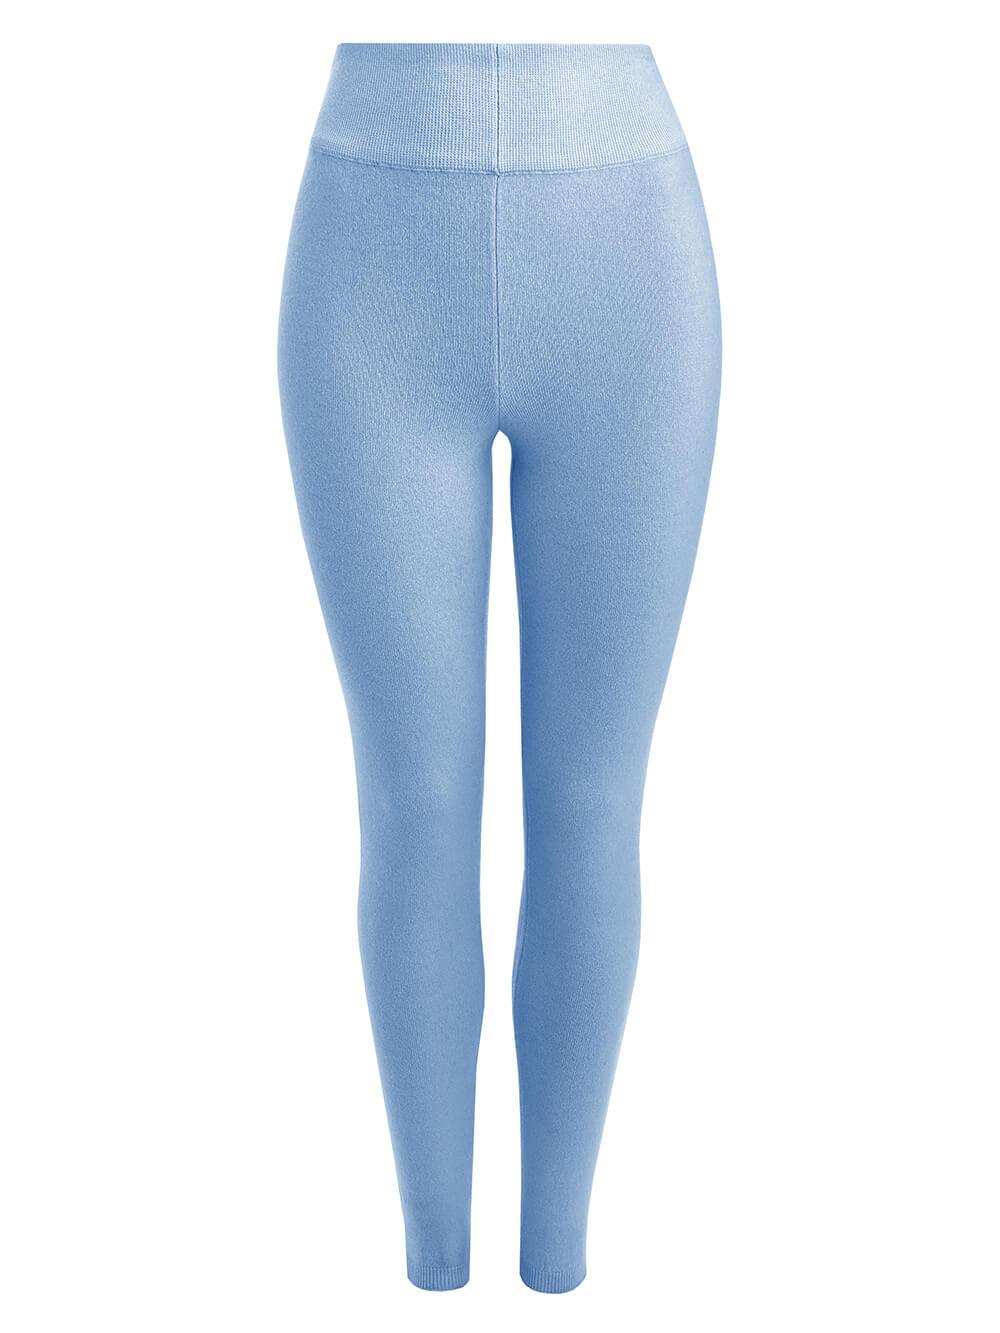 Женские брюки голубого цвета из 100% кашемира - фото 1